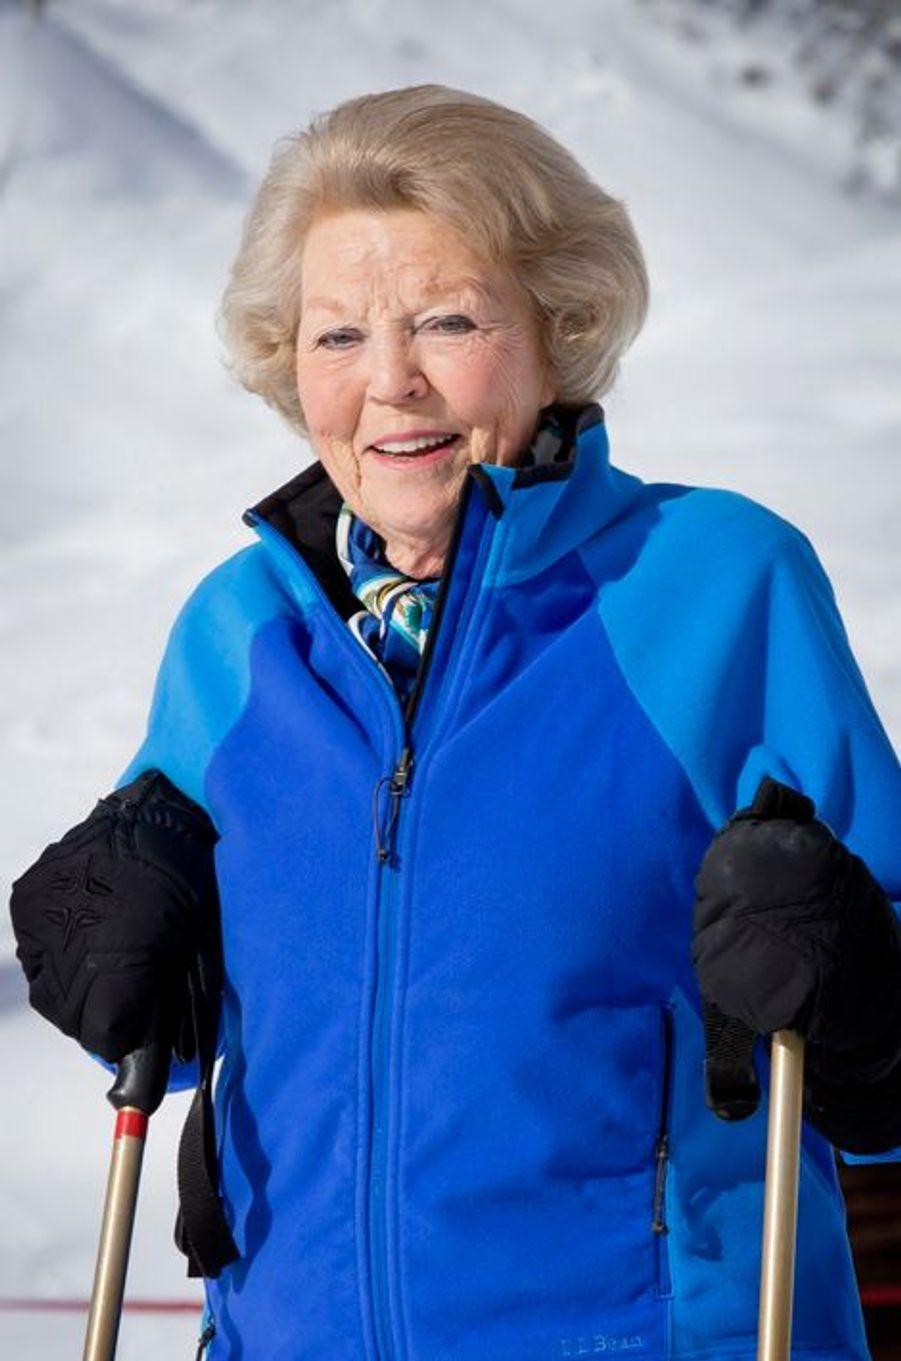 L'ex-reine Beatrix à Lech, le 23 février 2015